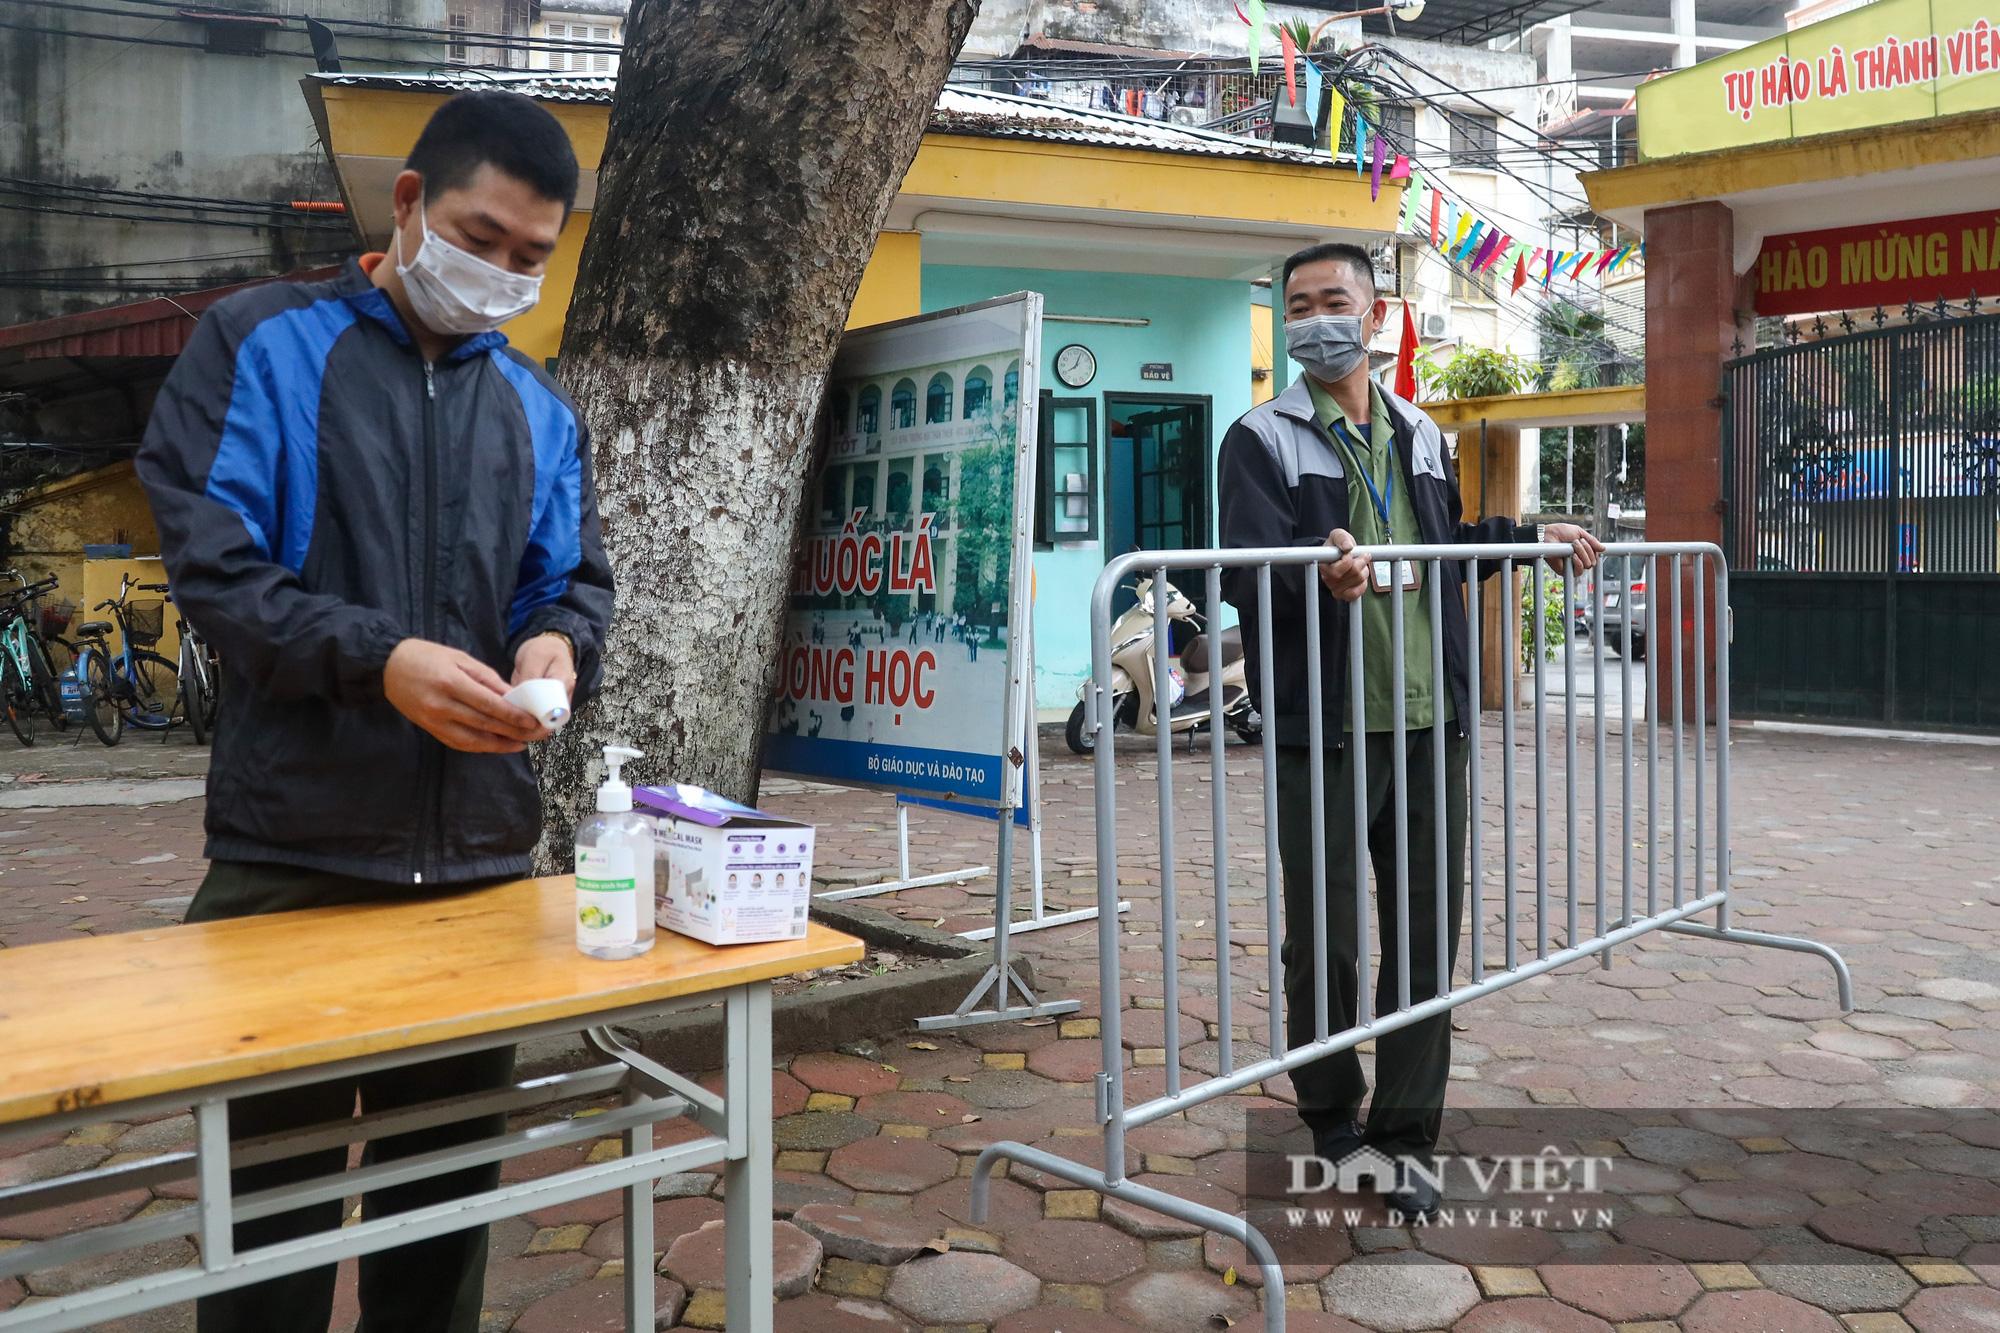 Đi học trở lại sau 30 ngày nghỉ Tết, học sinh Hà Nội được nhận lì xì - Ảnh 15.